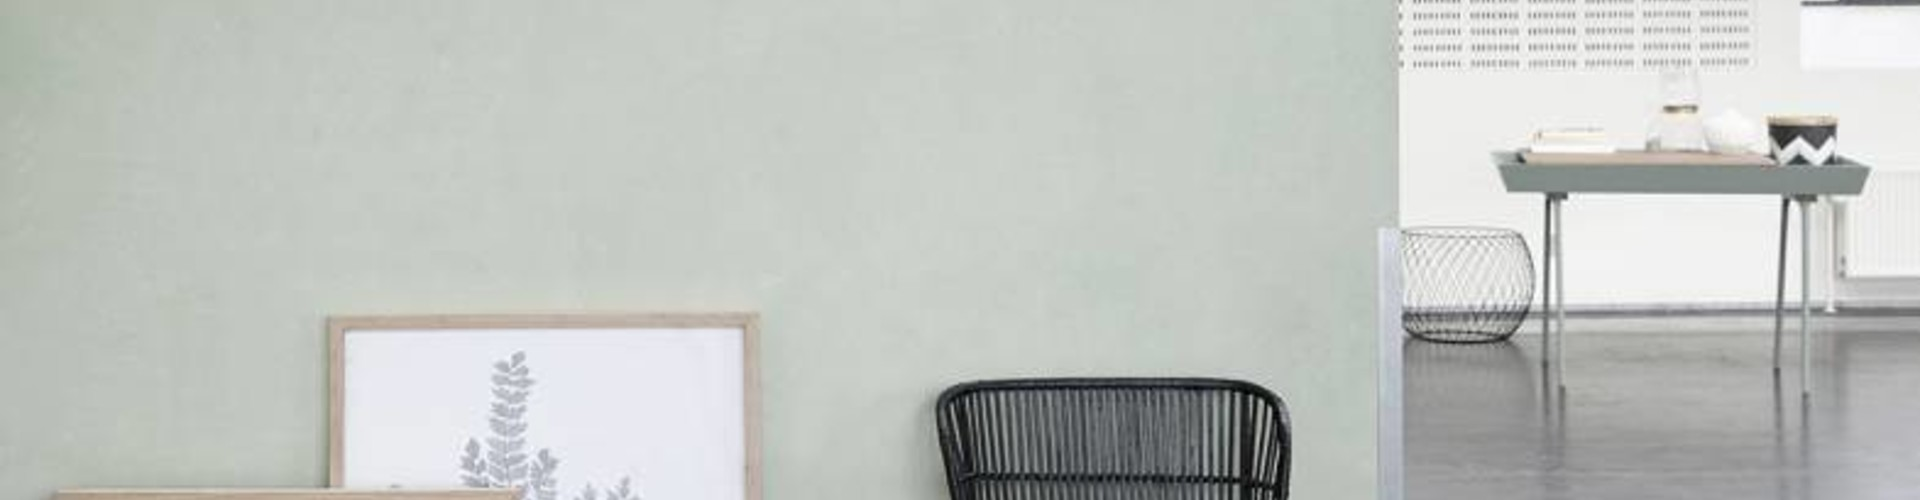 Design stoel kopen? Lees dit eerst!